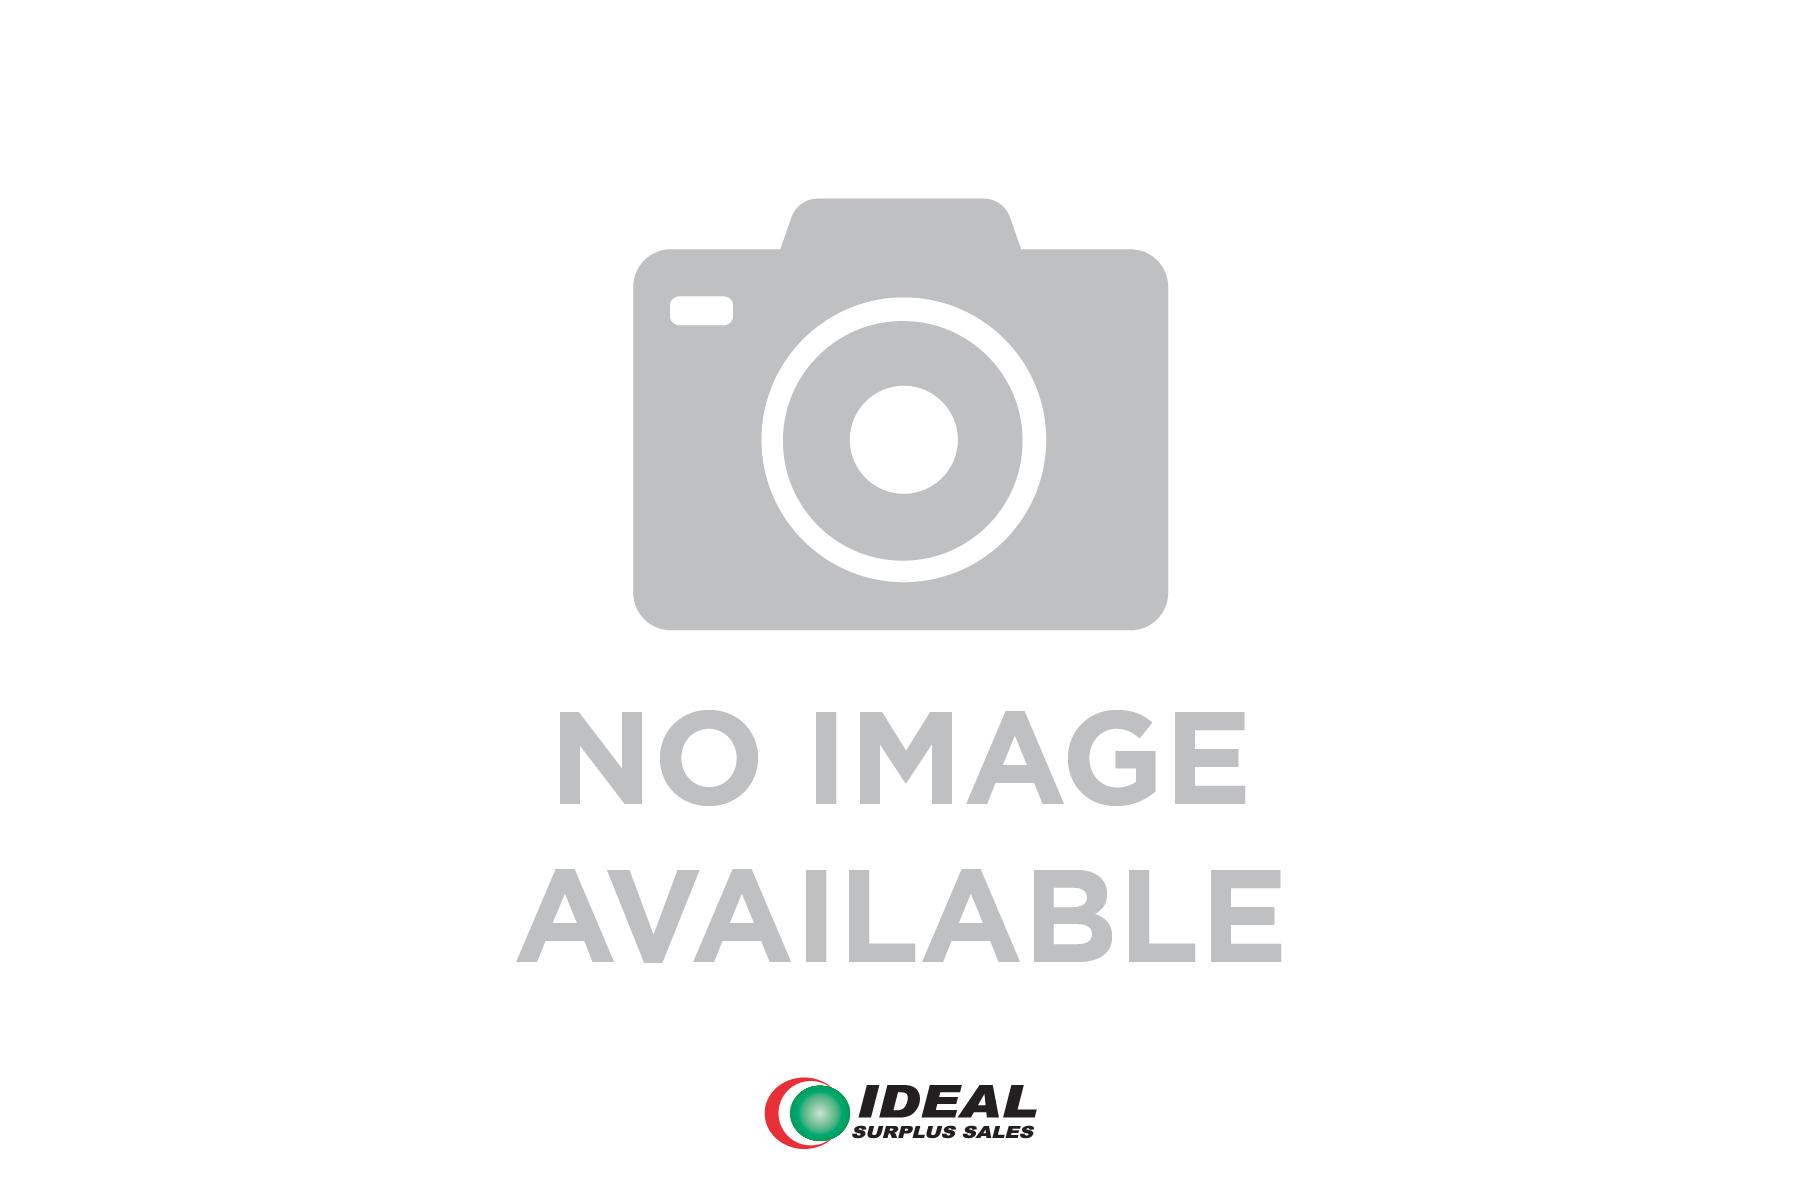 SEW EURODRIVE KF37DT80N4BMG1HR MOTOR  NEW IN BOX